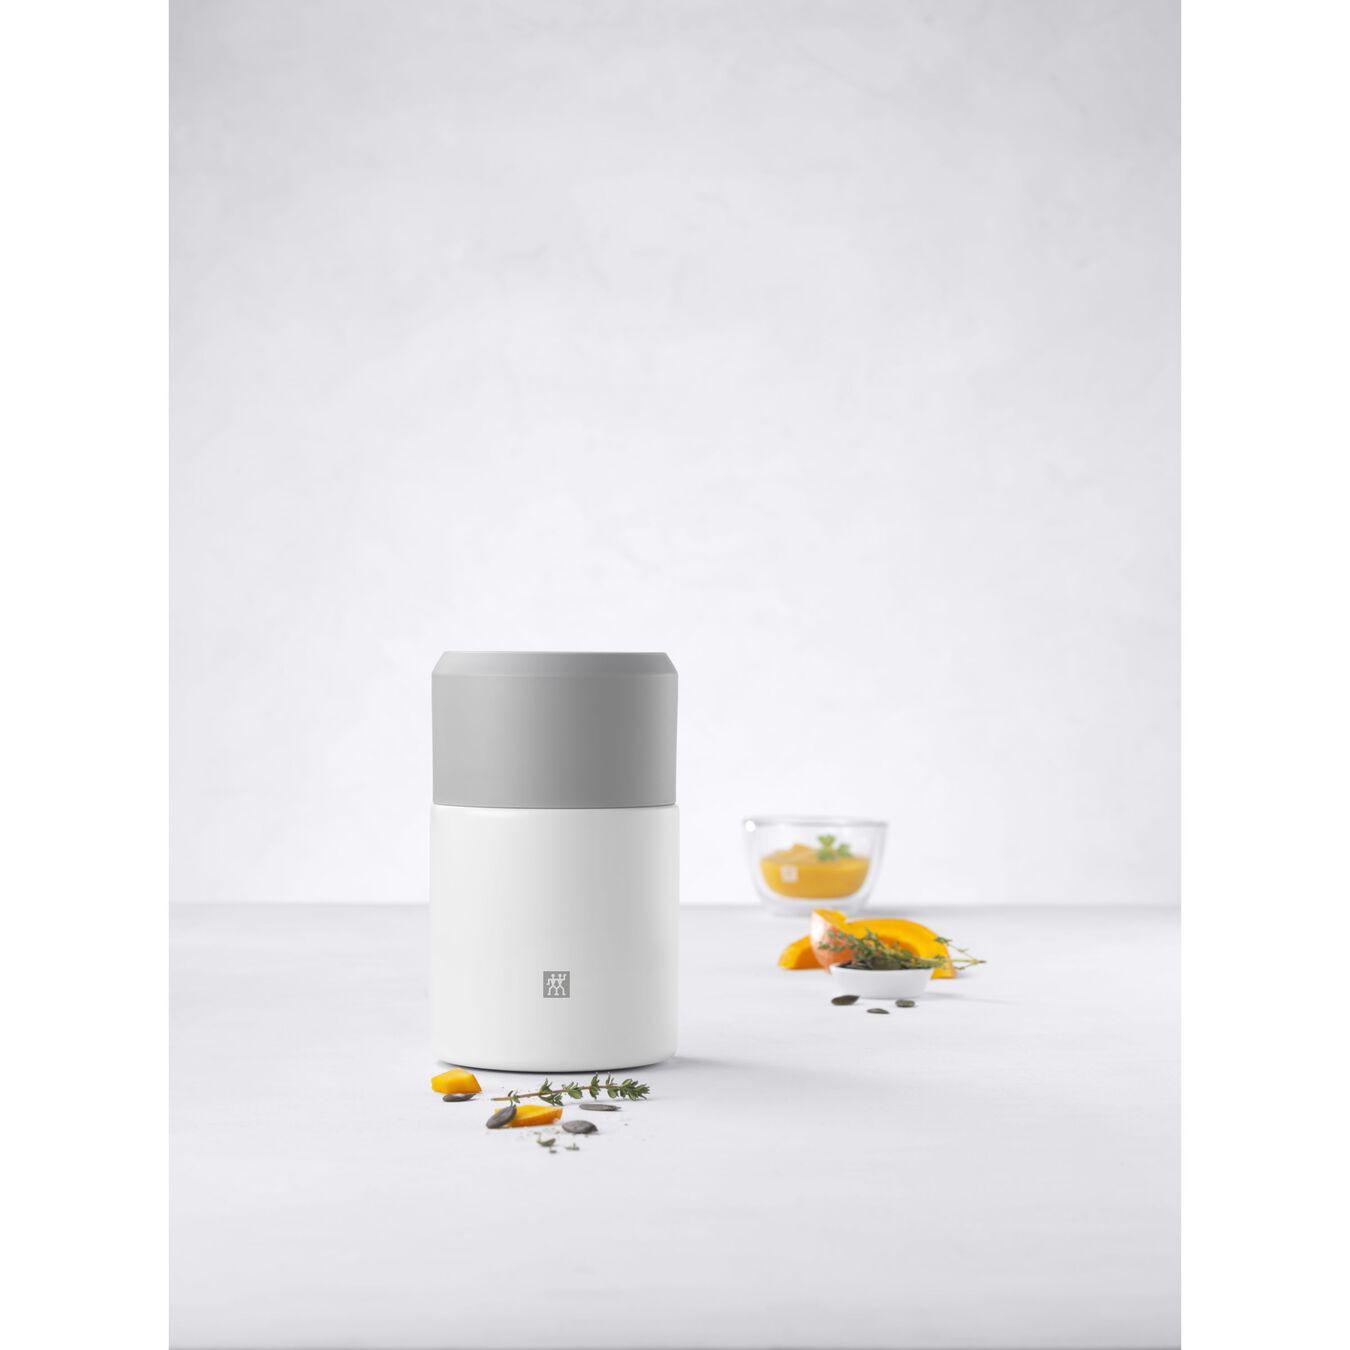 Speisegefäß, Weiß | Edelstahl | 700 ml,,large 6